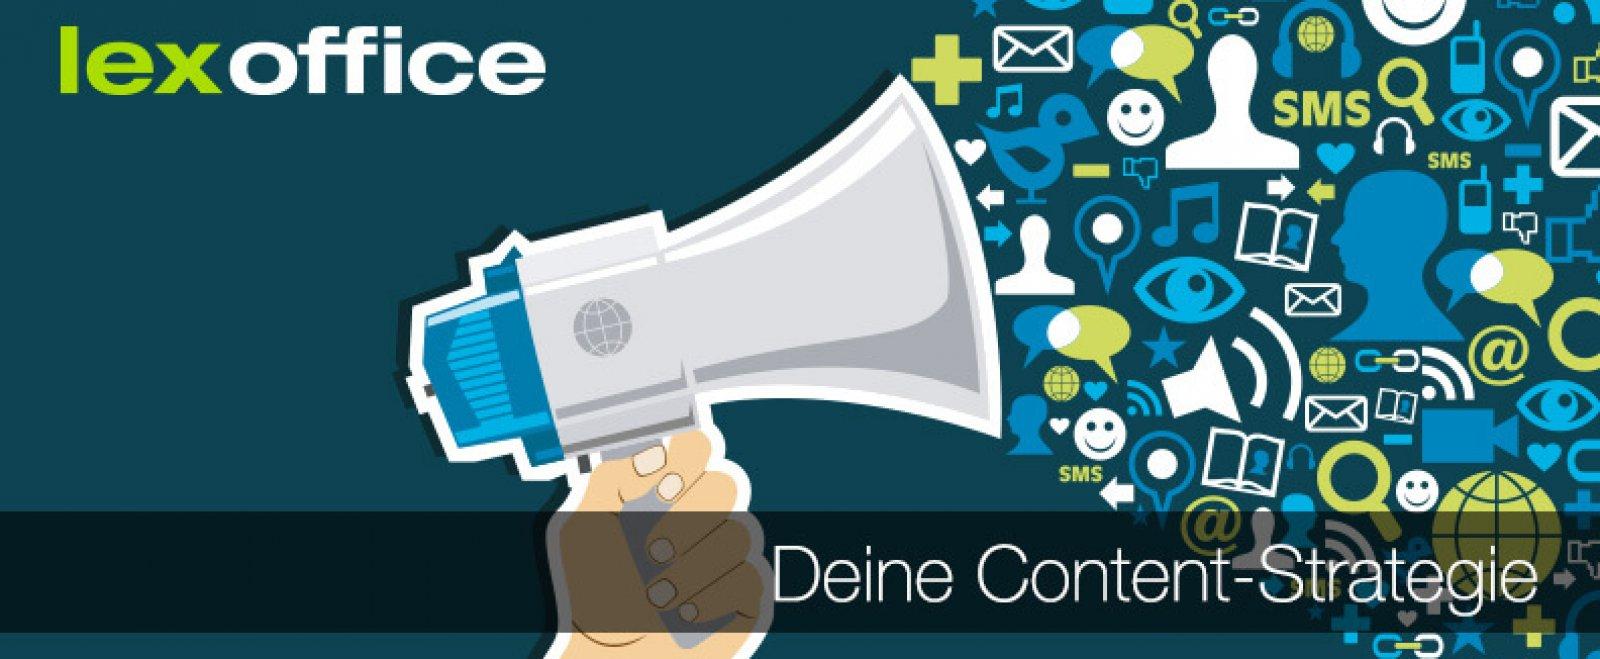 Online Marketing: Deine Content-Strategie